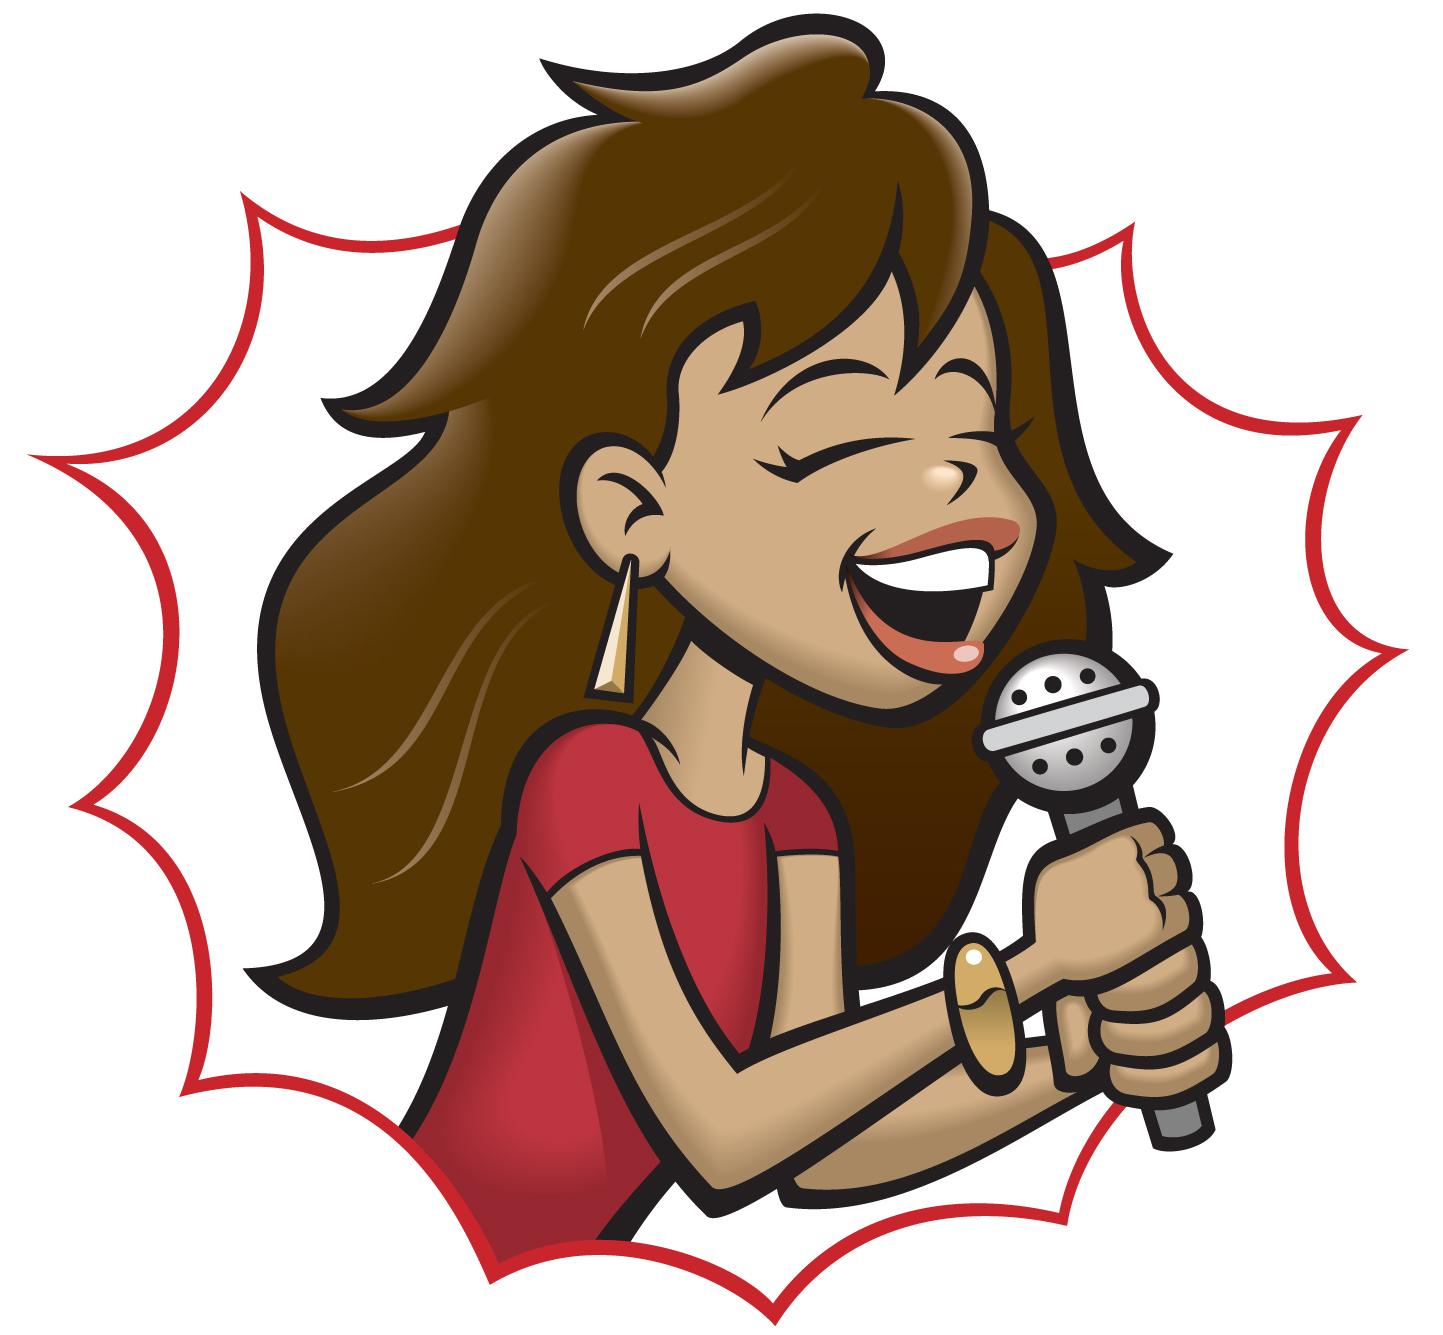 Girl Singer Clipart - Clipart Kid